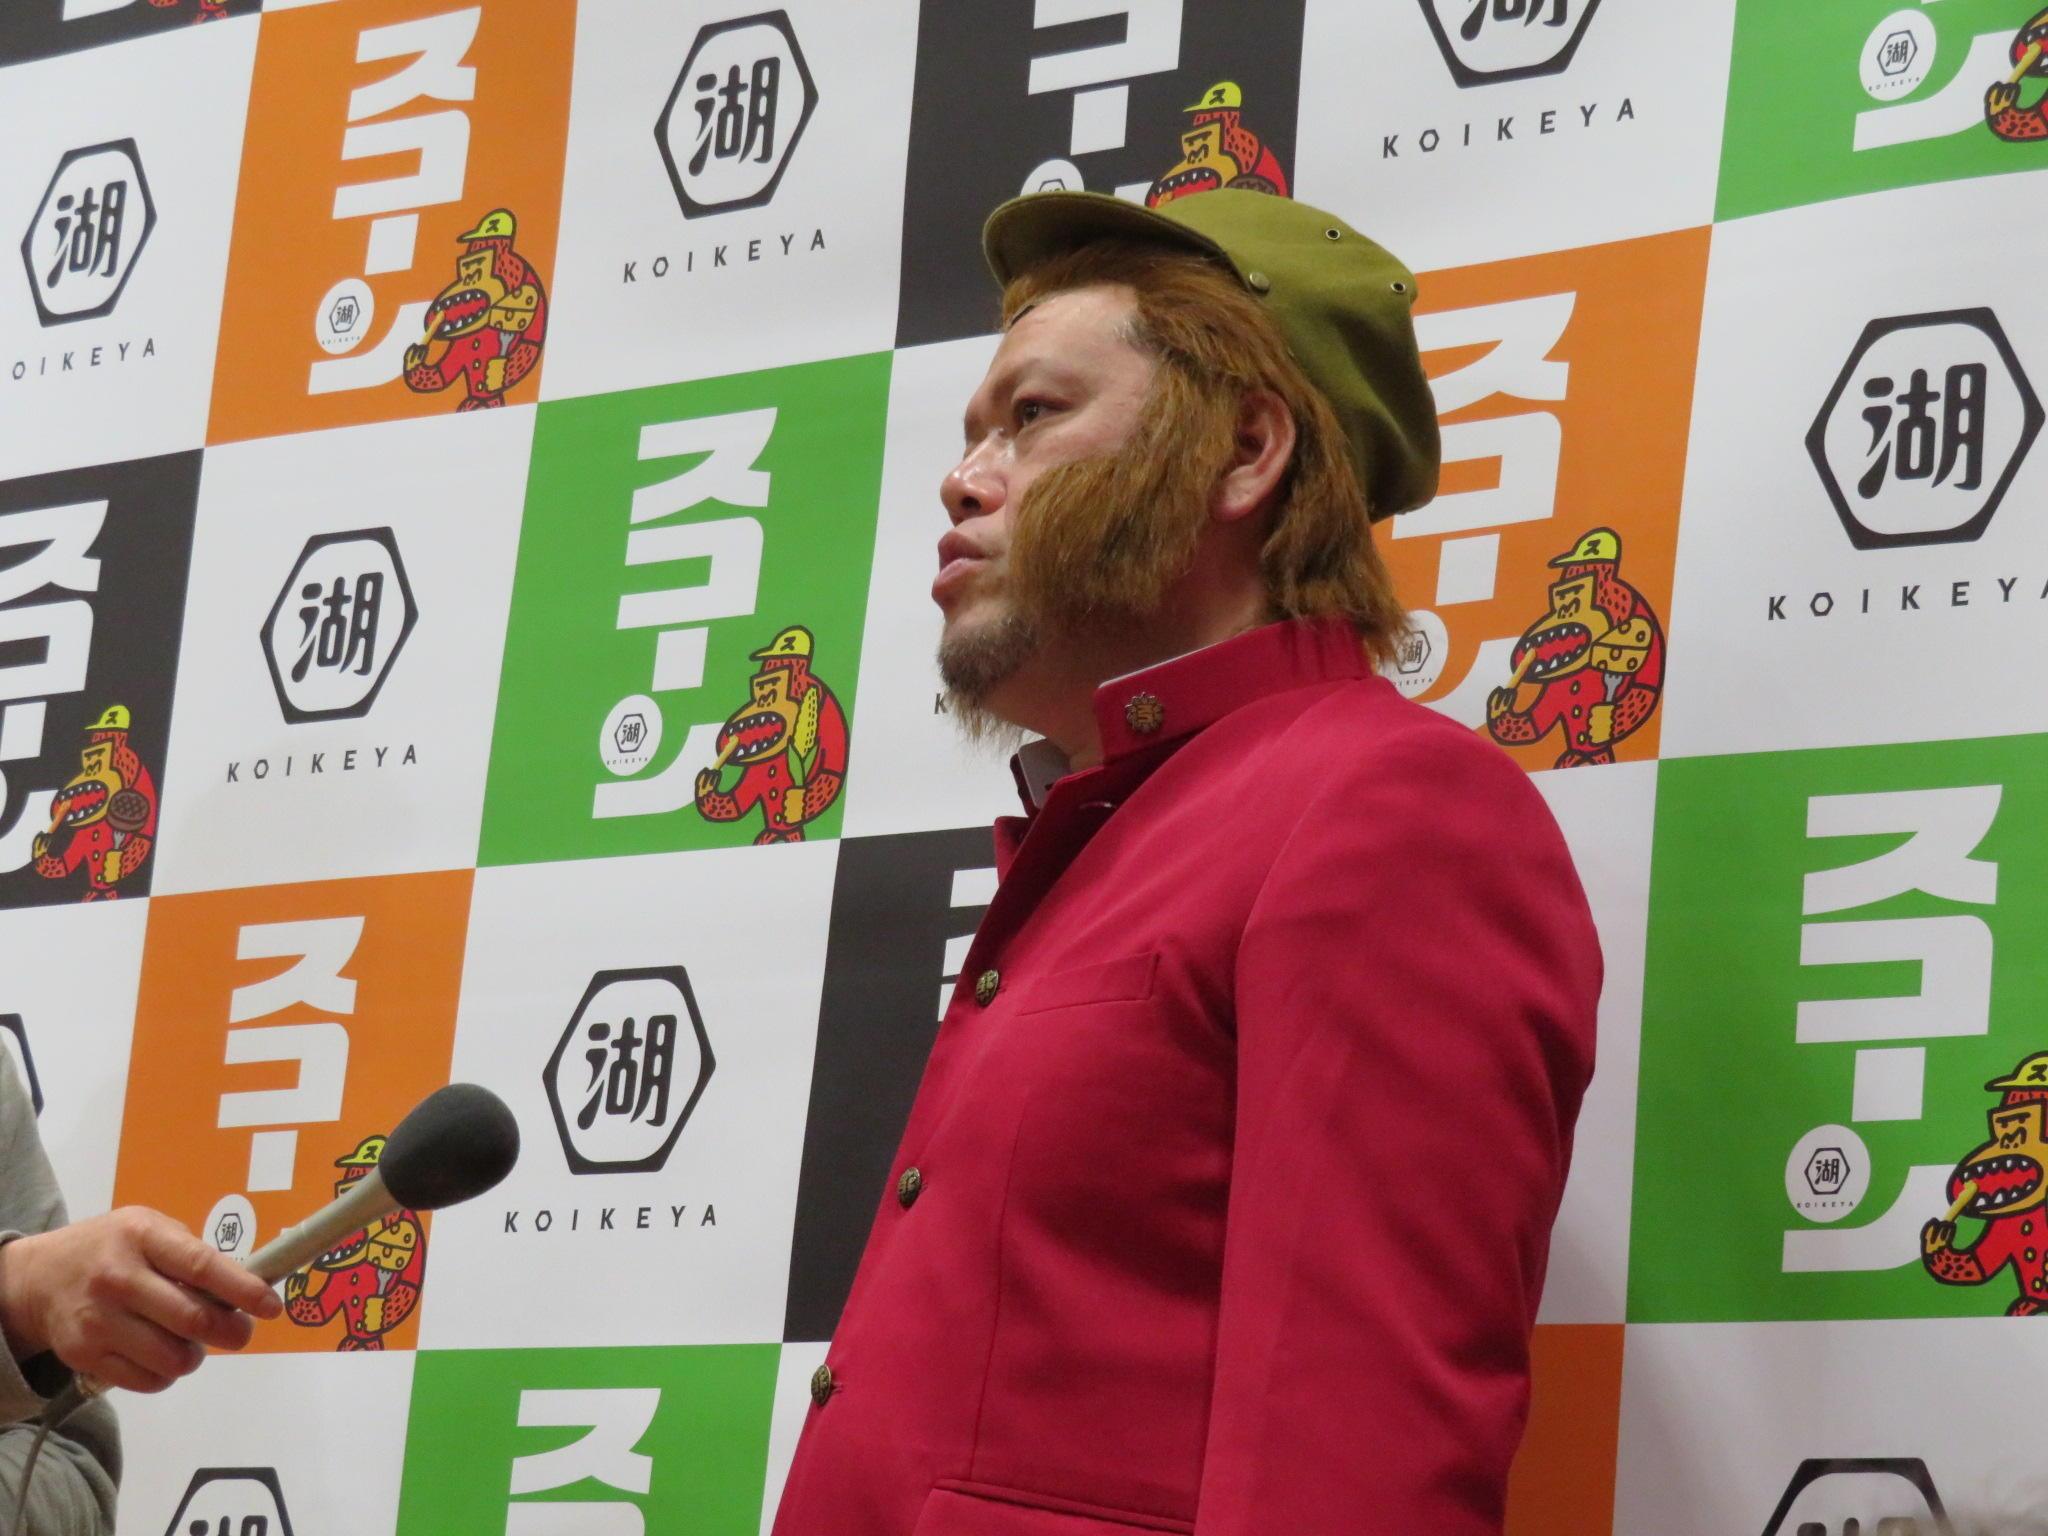 http://news.yoshimoto.co.jp/20181129222748-ad8d854e1f3f94d0eec8462dbed7fcdc3b2c4e4b.jpg